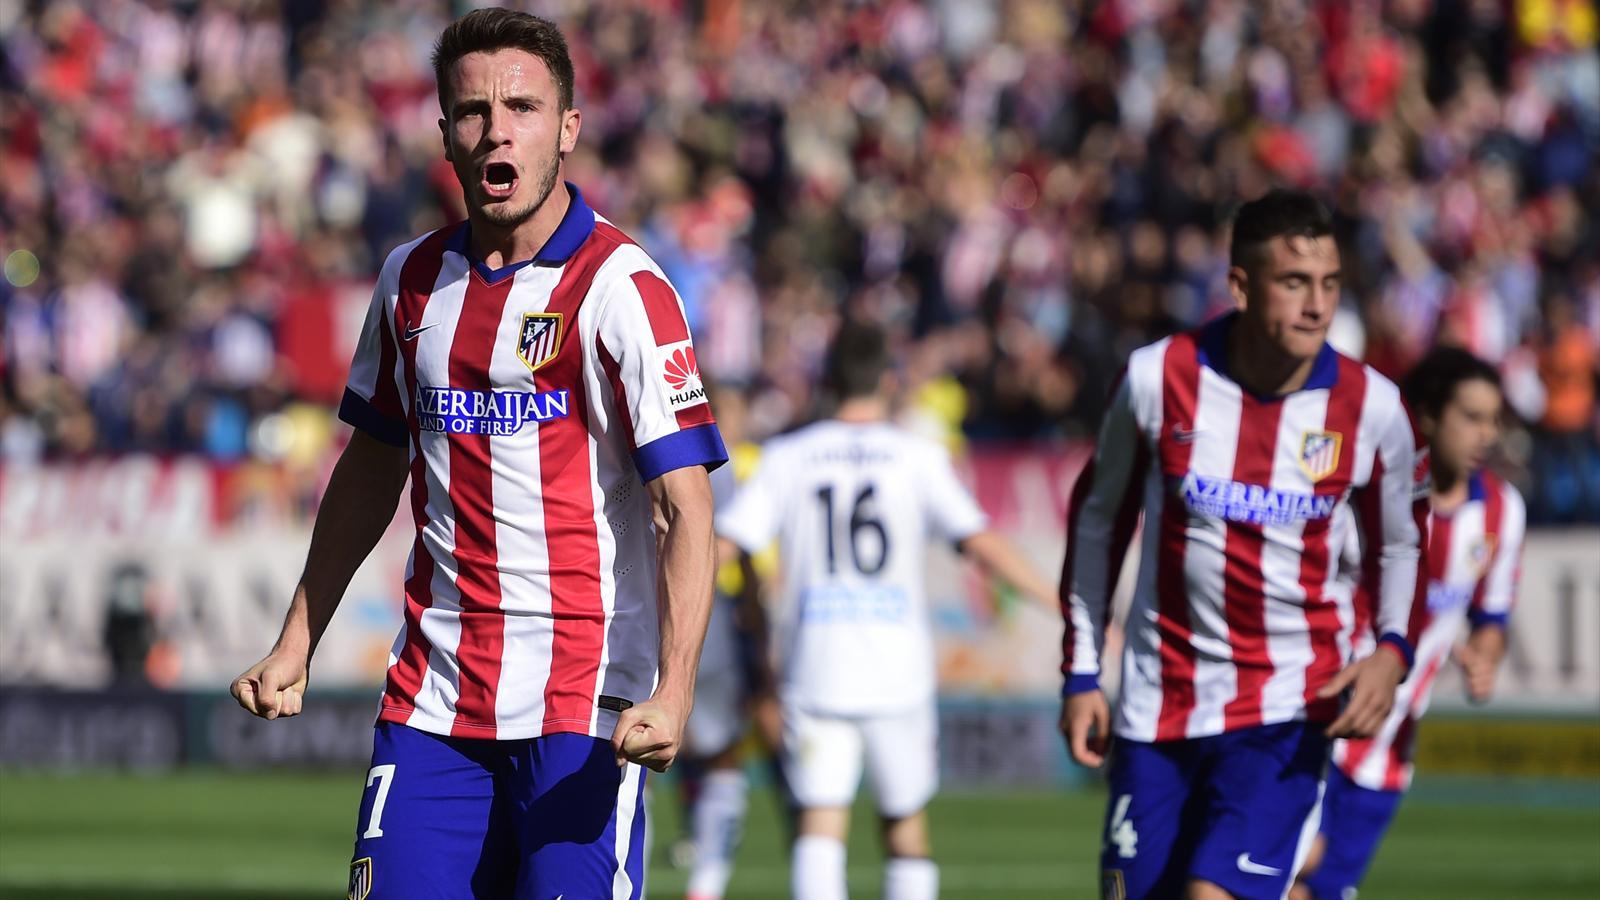 Prediksi Skor Pur Deportivo vs Atletico Madrid Malam ini 18 April 2015